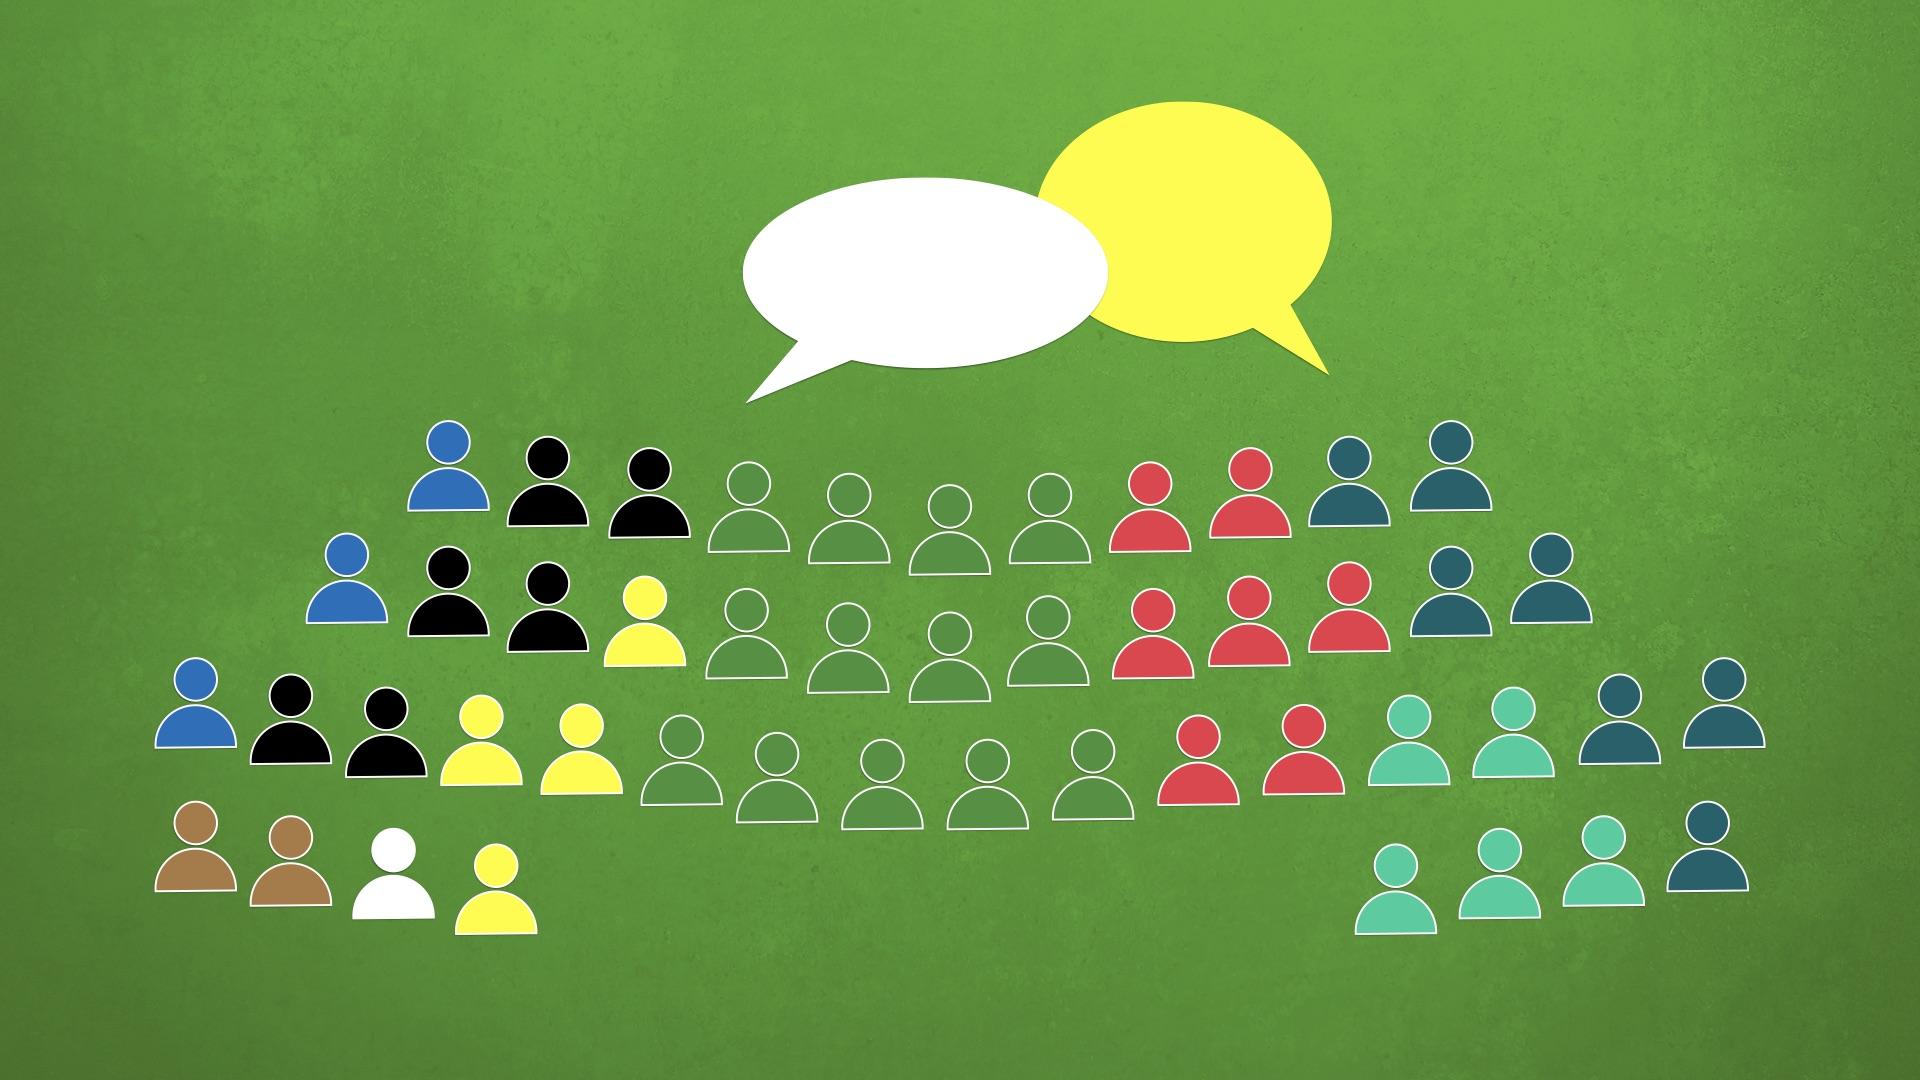 Politik braucht die öffentliche Debatte